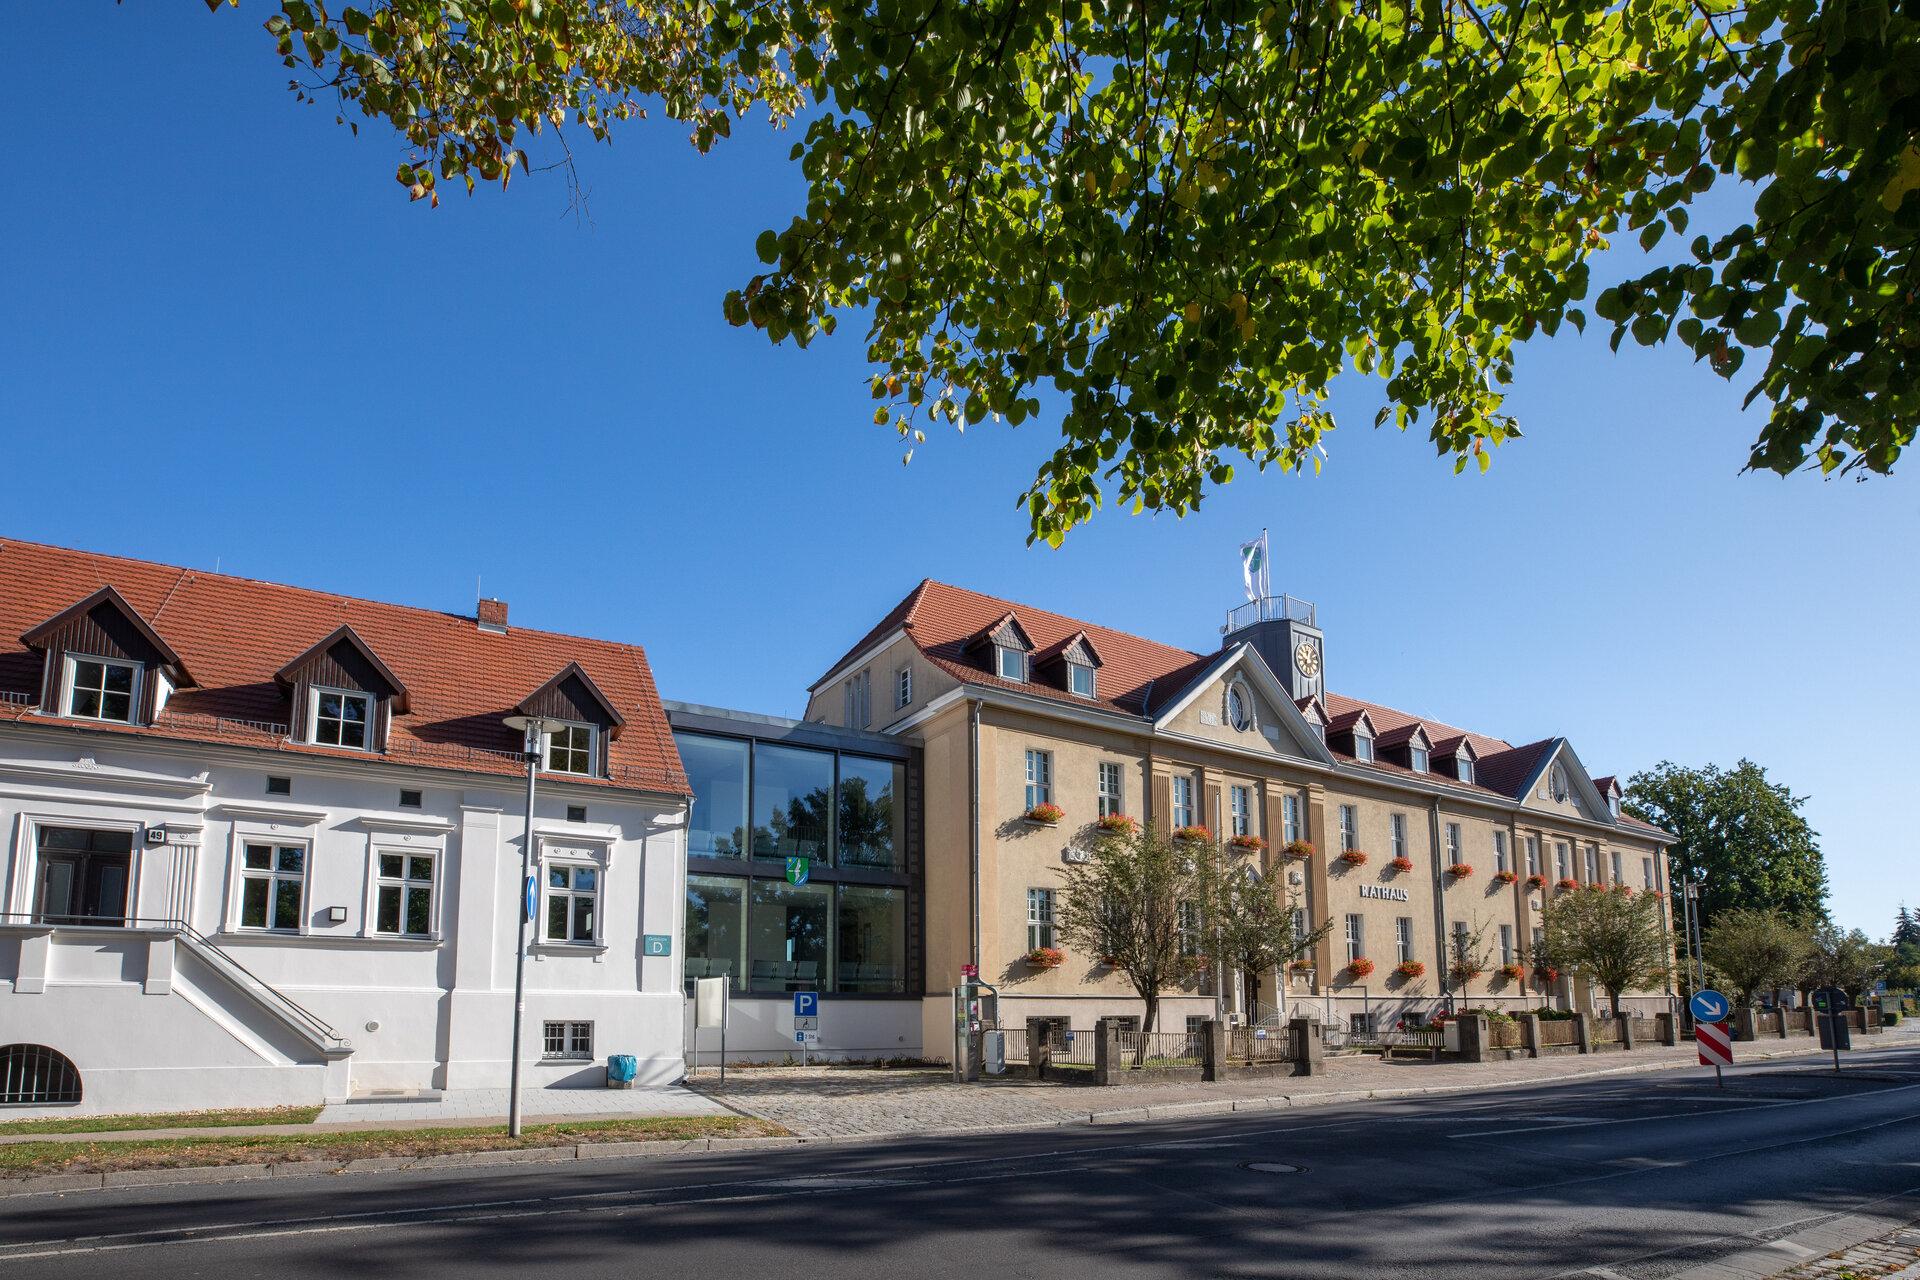 Das Bild zeigt das Rathaus.